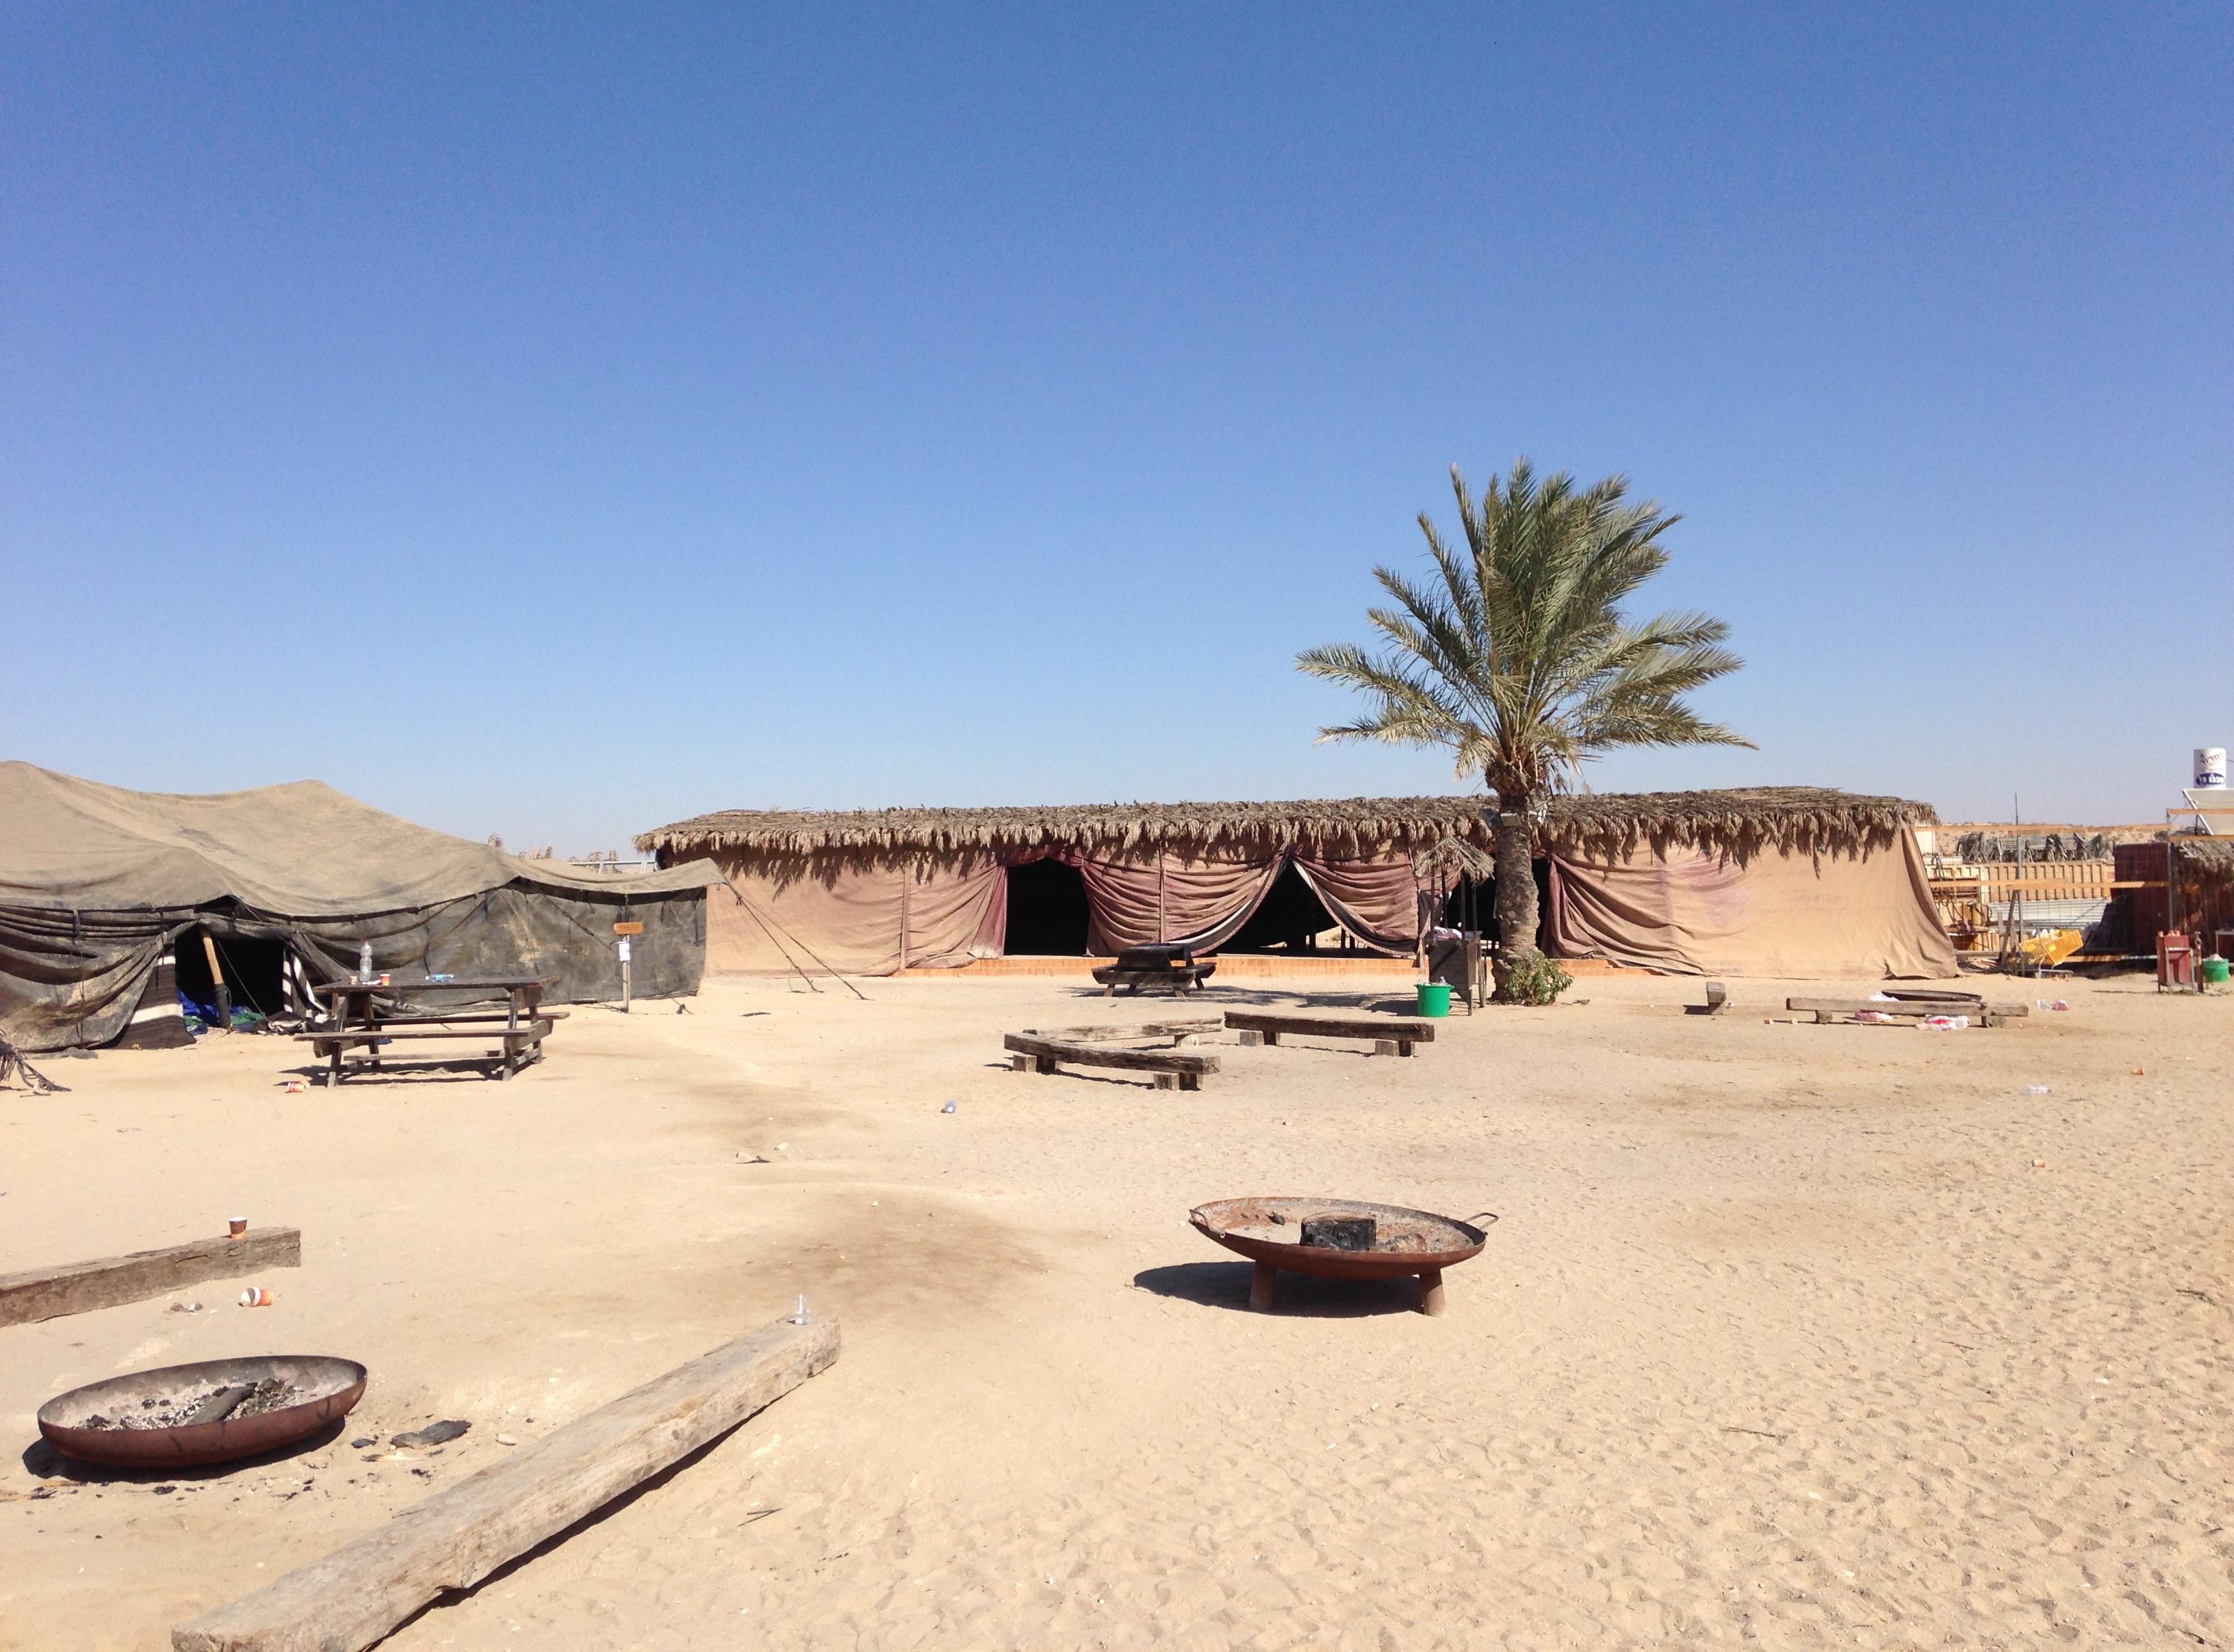 bedouin tents in desert